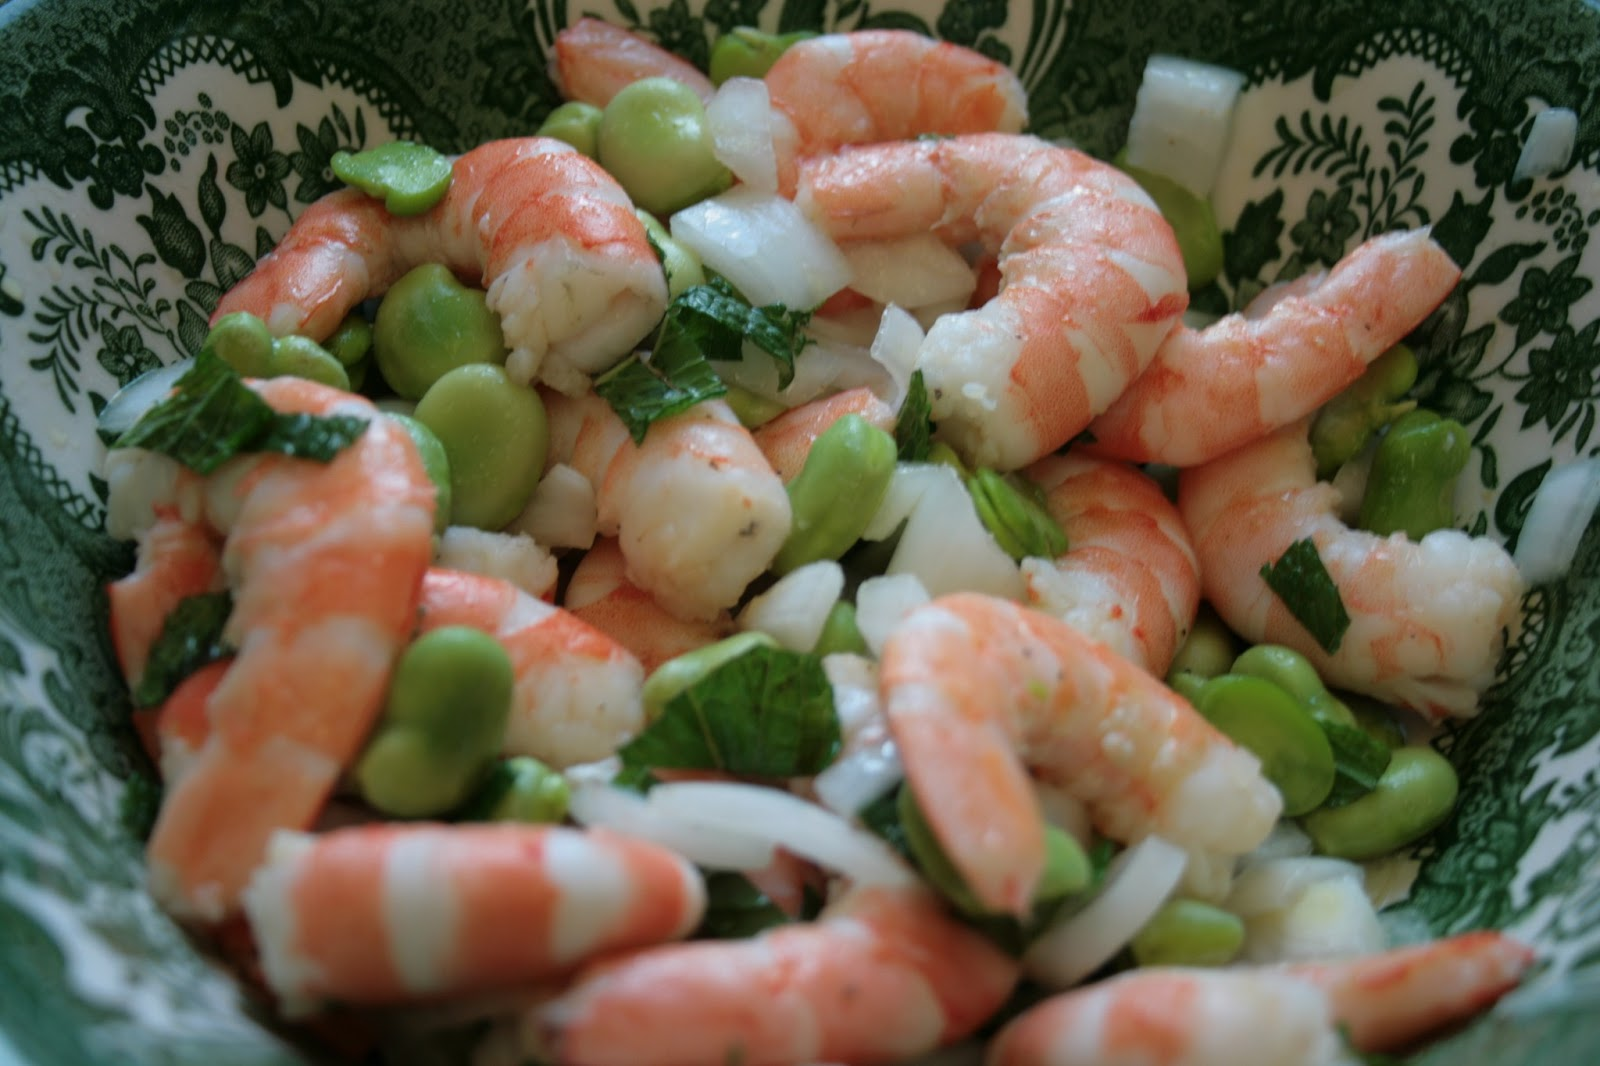 La papera felice creazioni artigianali ricette fresche e for Ricette veloci per cena